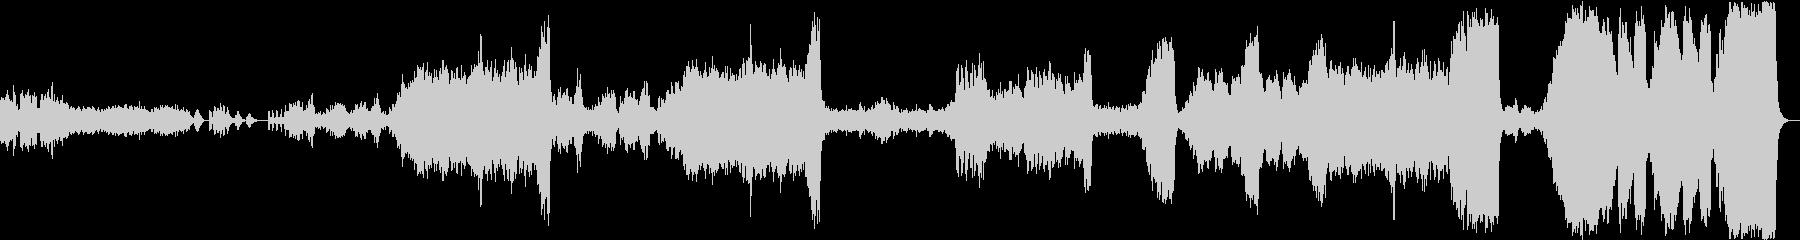 花のワルツ - チャイコフスキーの未再生の波形